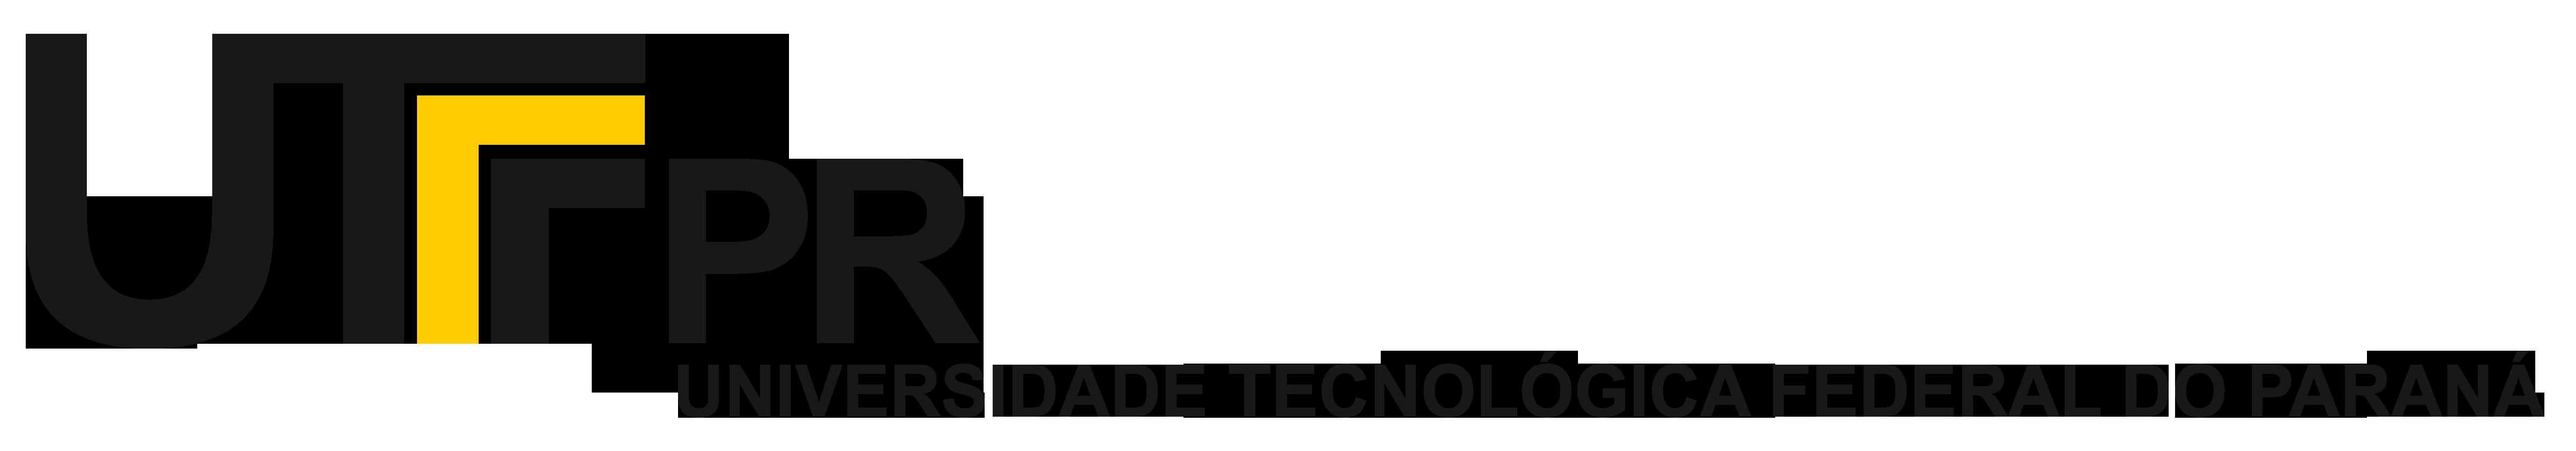 logo_UTFPR_var